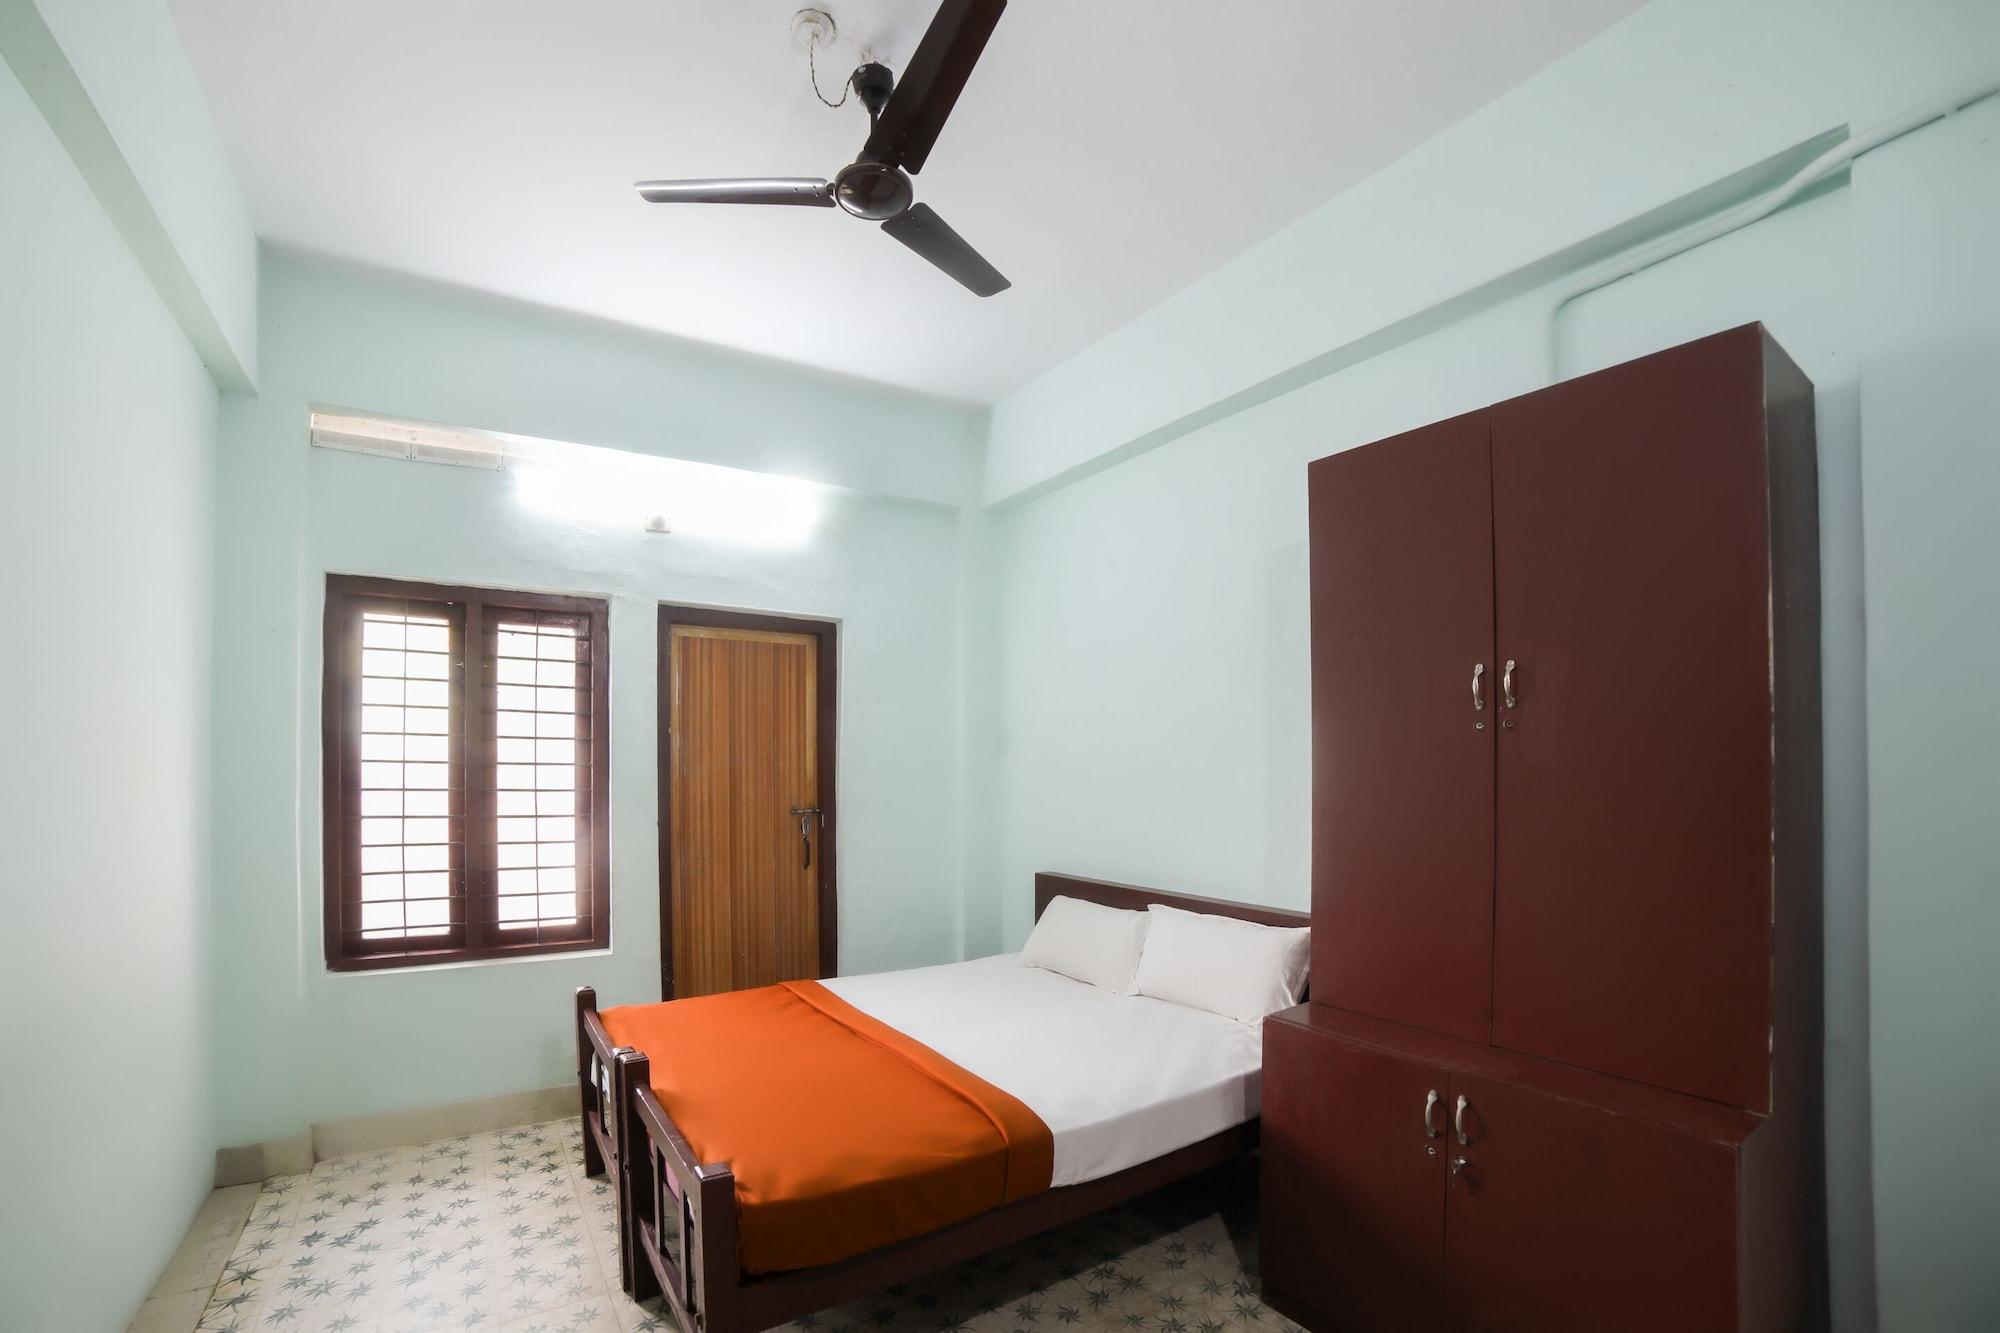 SPOT ON 45878 Adoor Homestay, Pathanamthitta